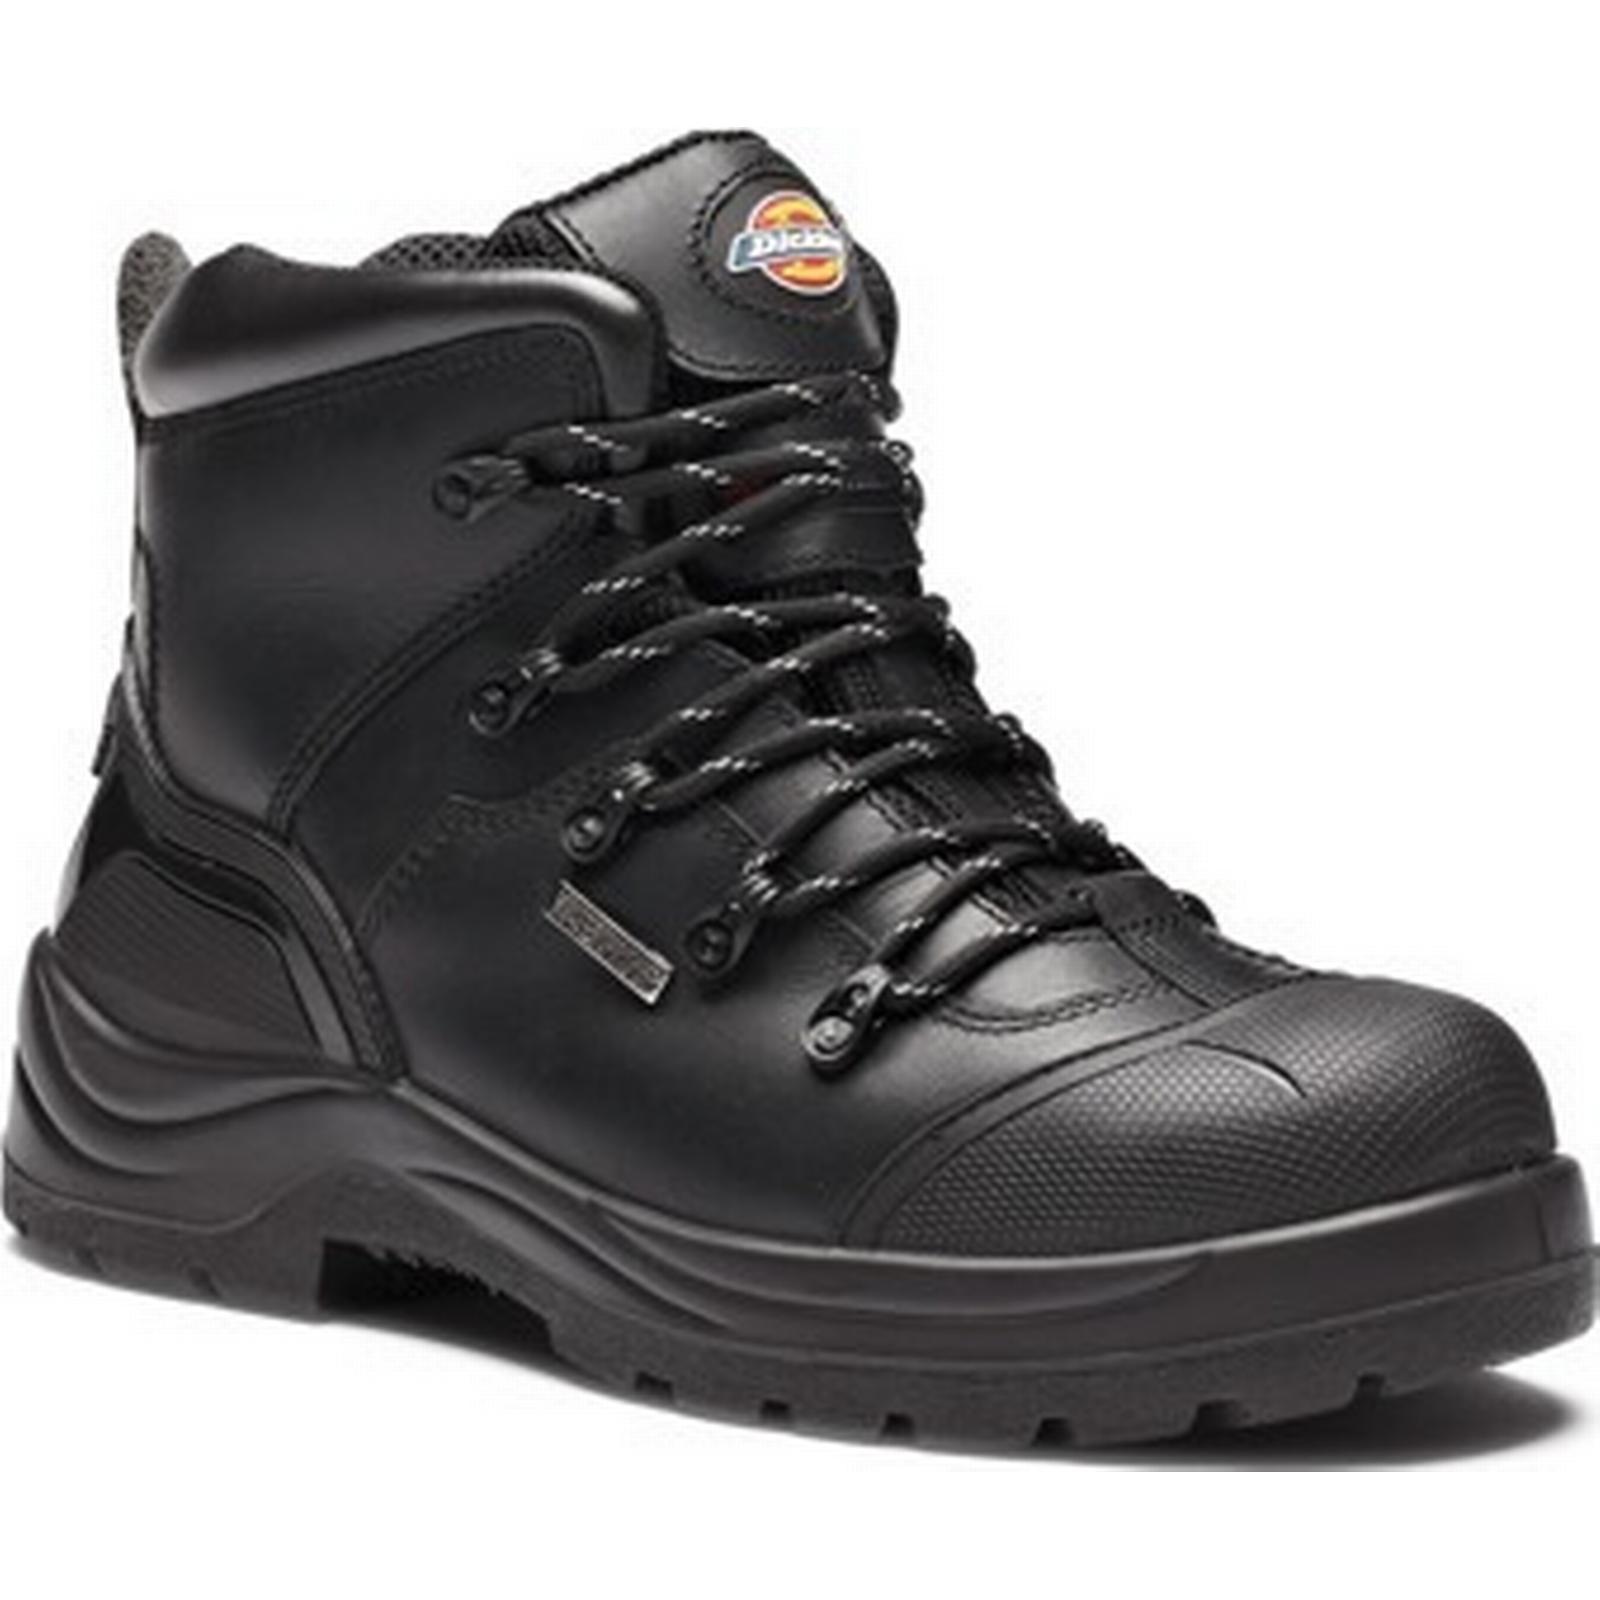 7b15fa55b93f Dickies Workwear Talpa Boot Black Black Black   5.5 bbd3f3 - shoes ...